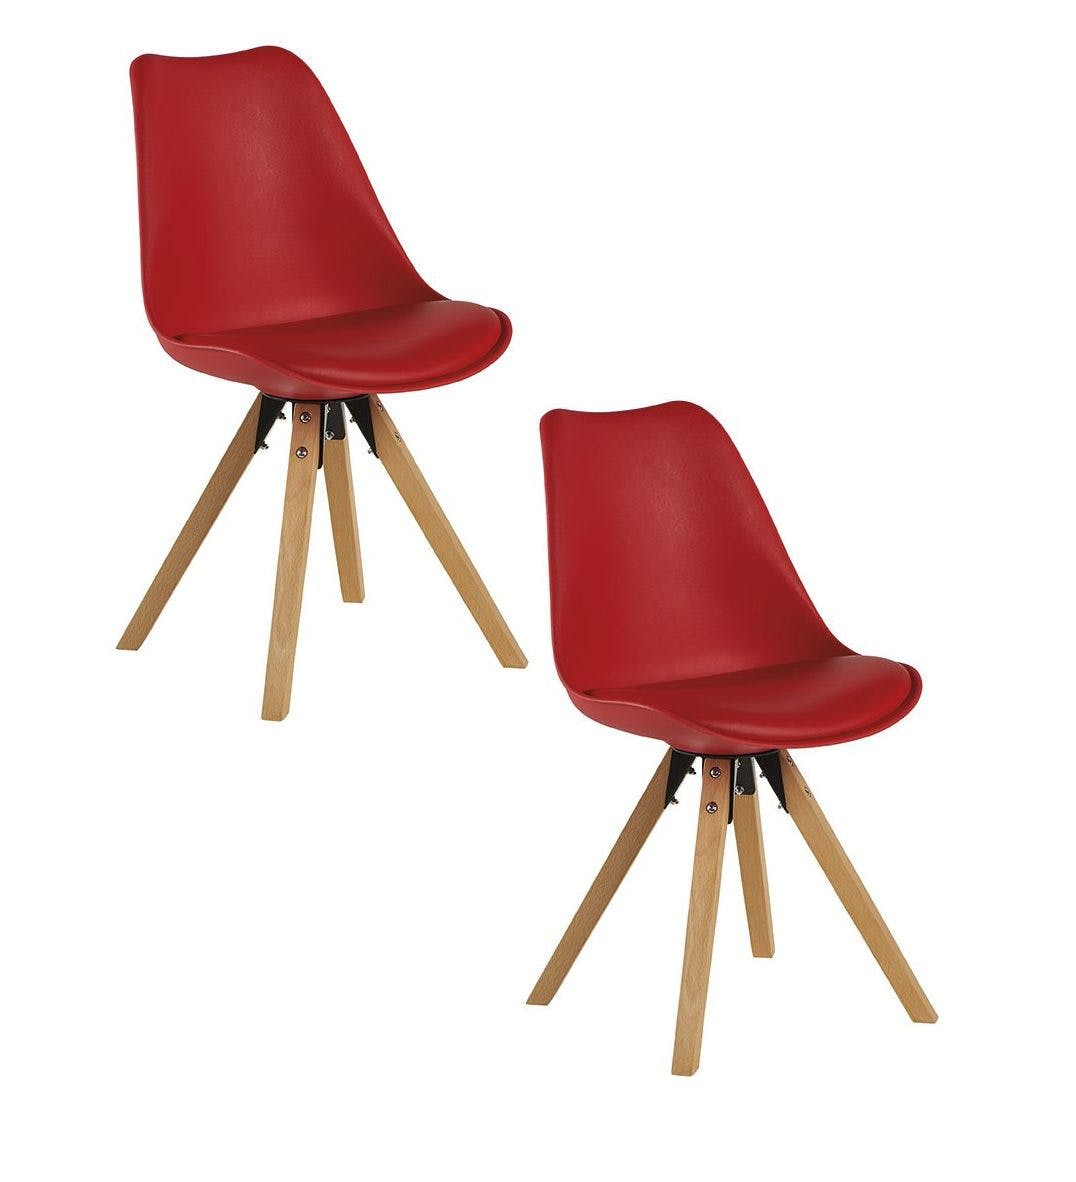 Chaise scandinave rouge TONY (lot de 2)